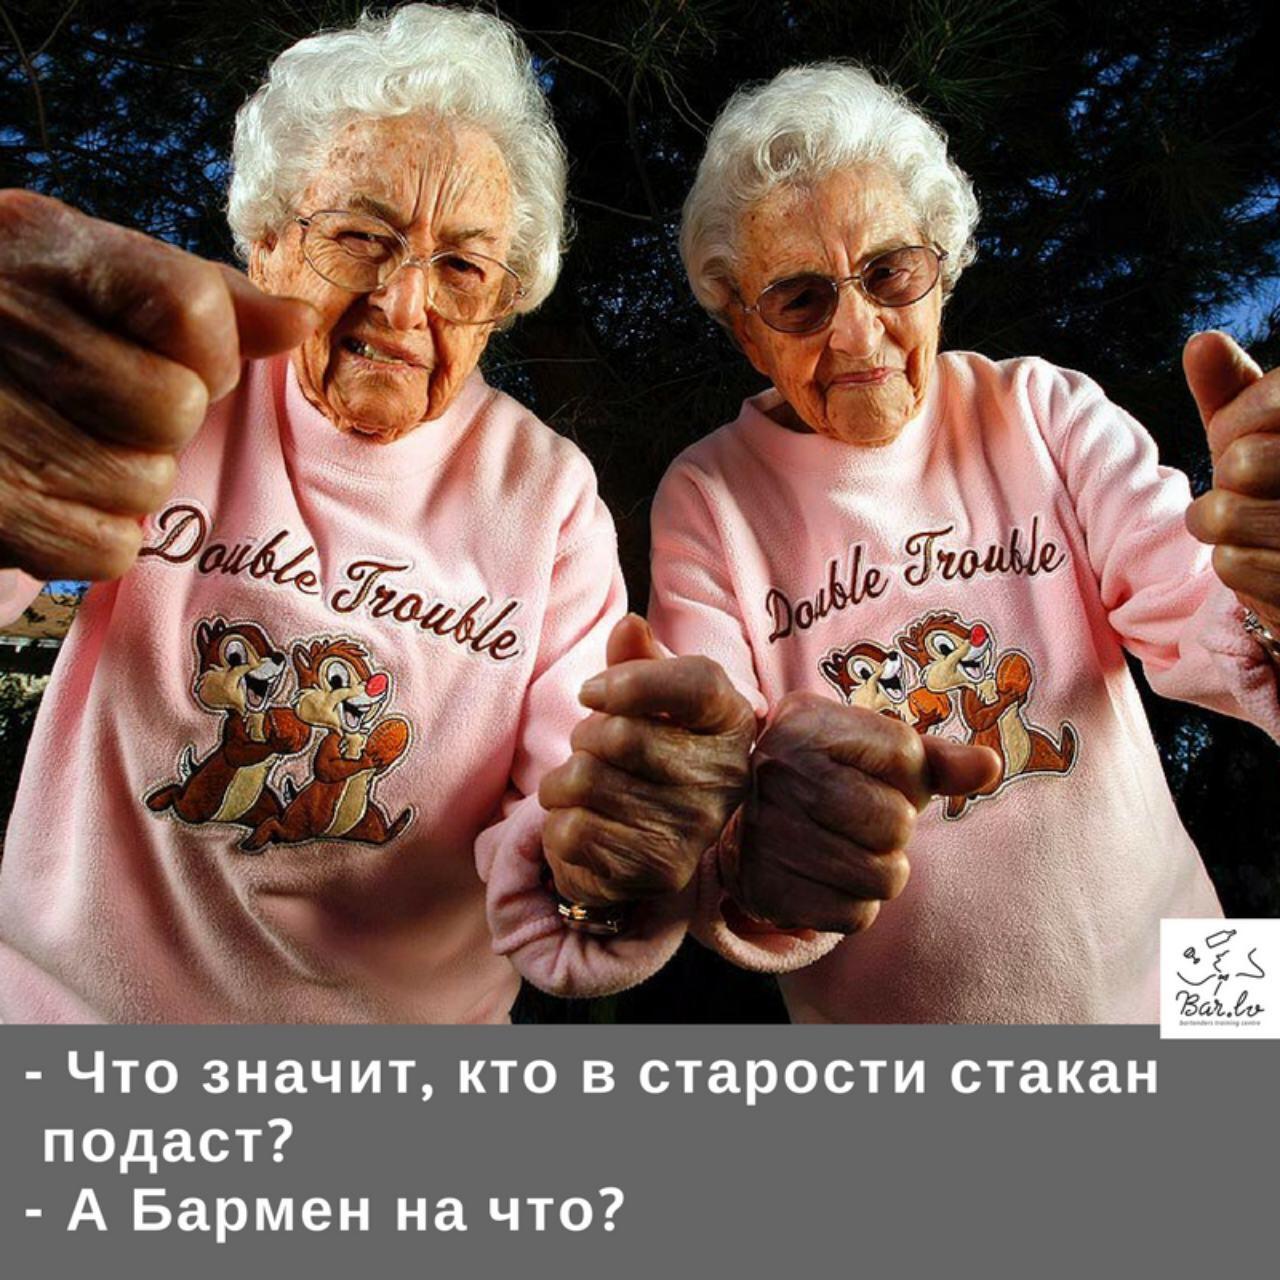 Если в старости будет некому подать стакан воды